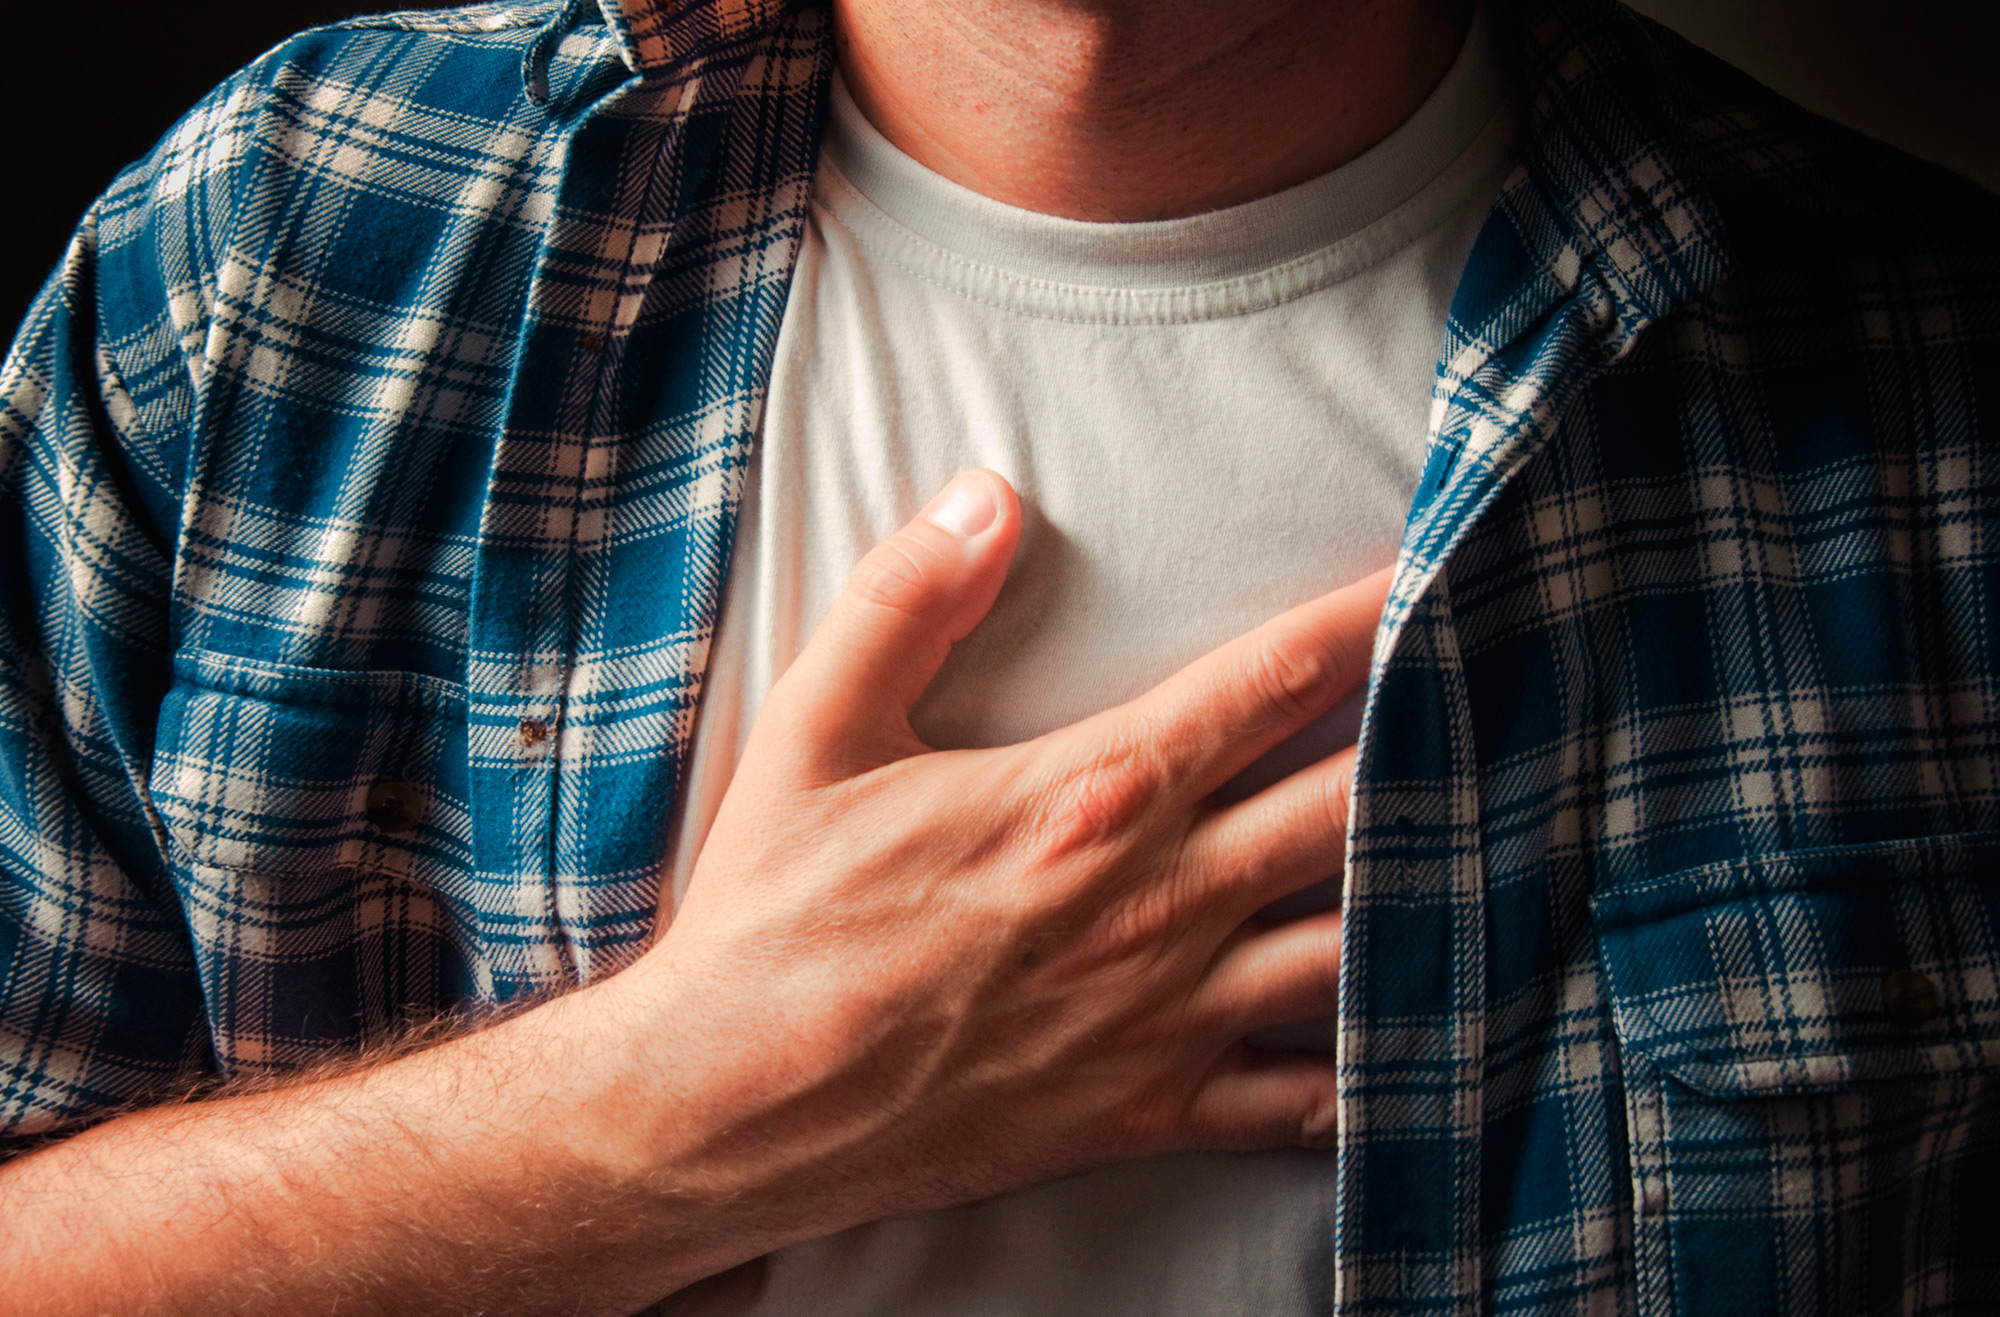 sąnarių skausmas perduodamas pašalinti skausmą artrito sąnario